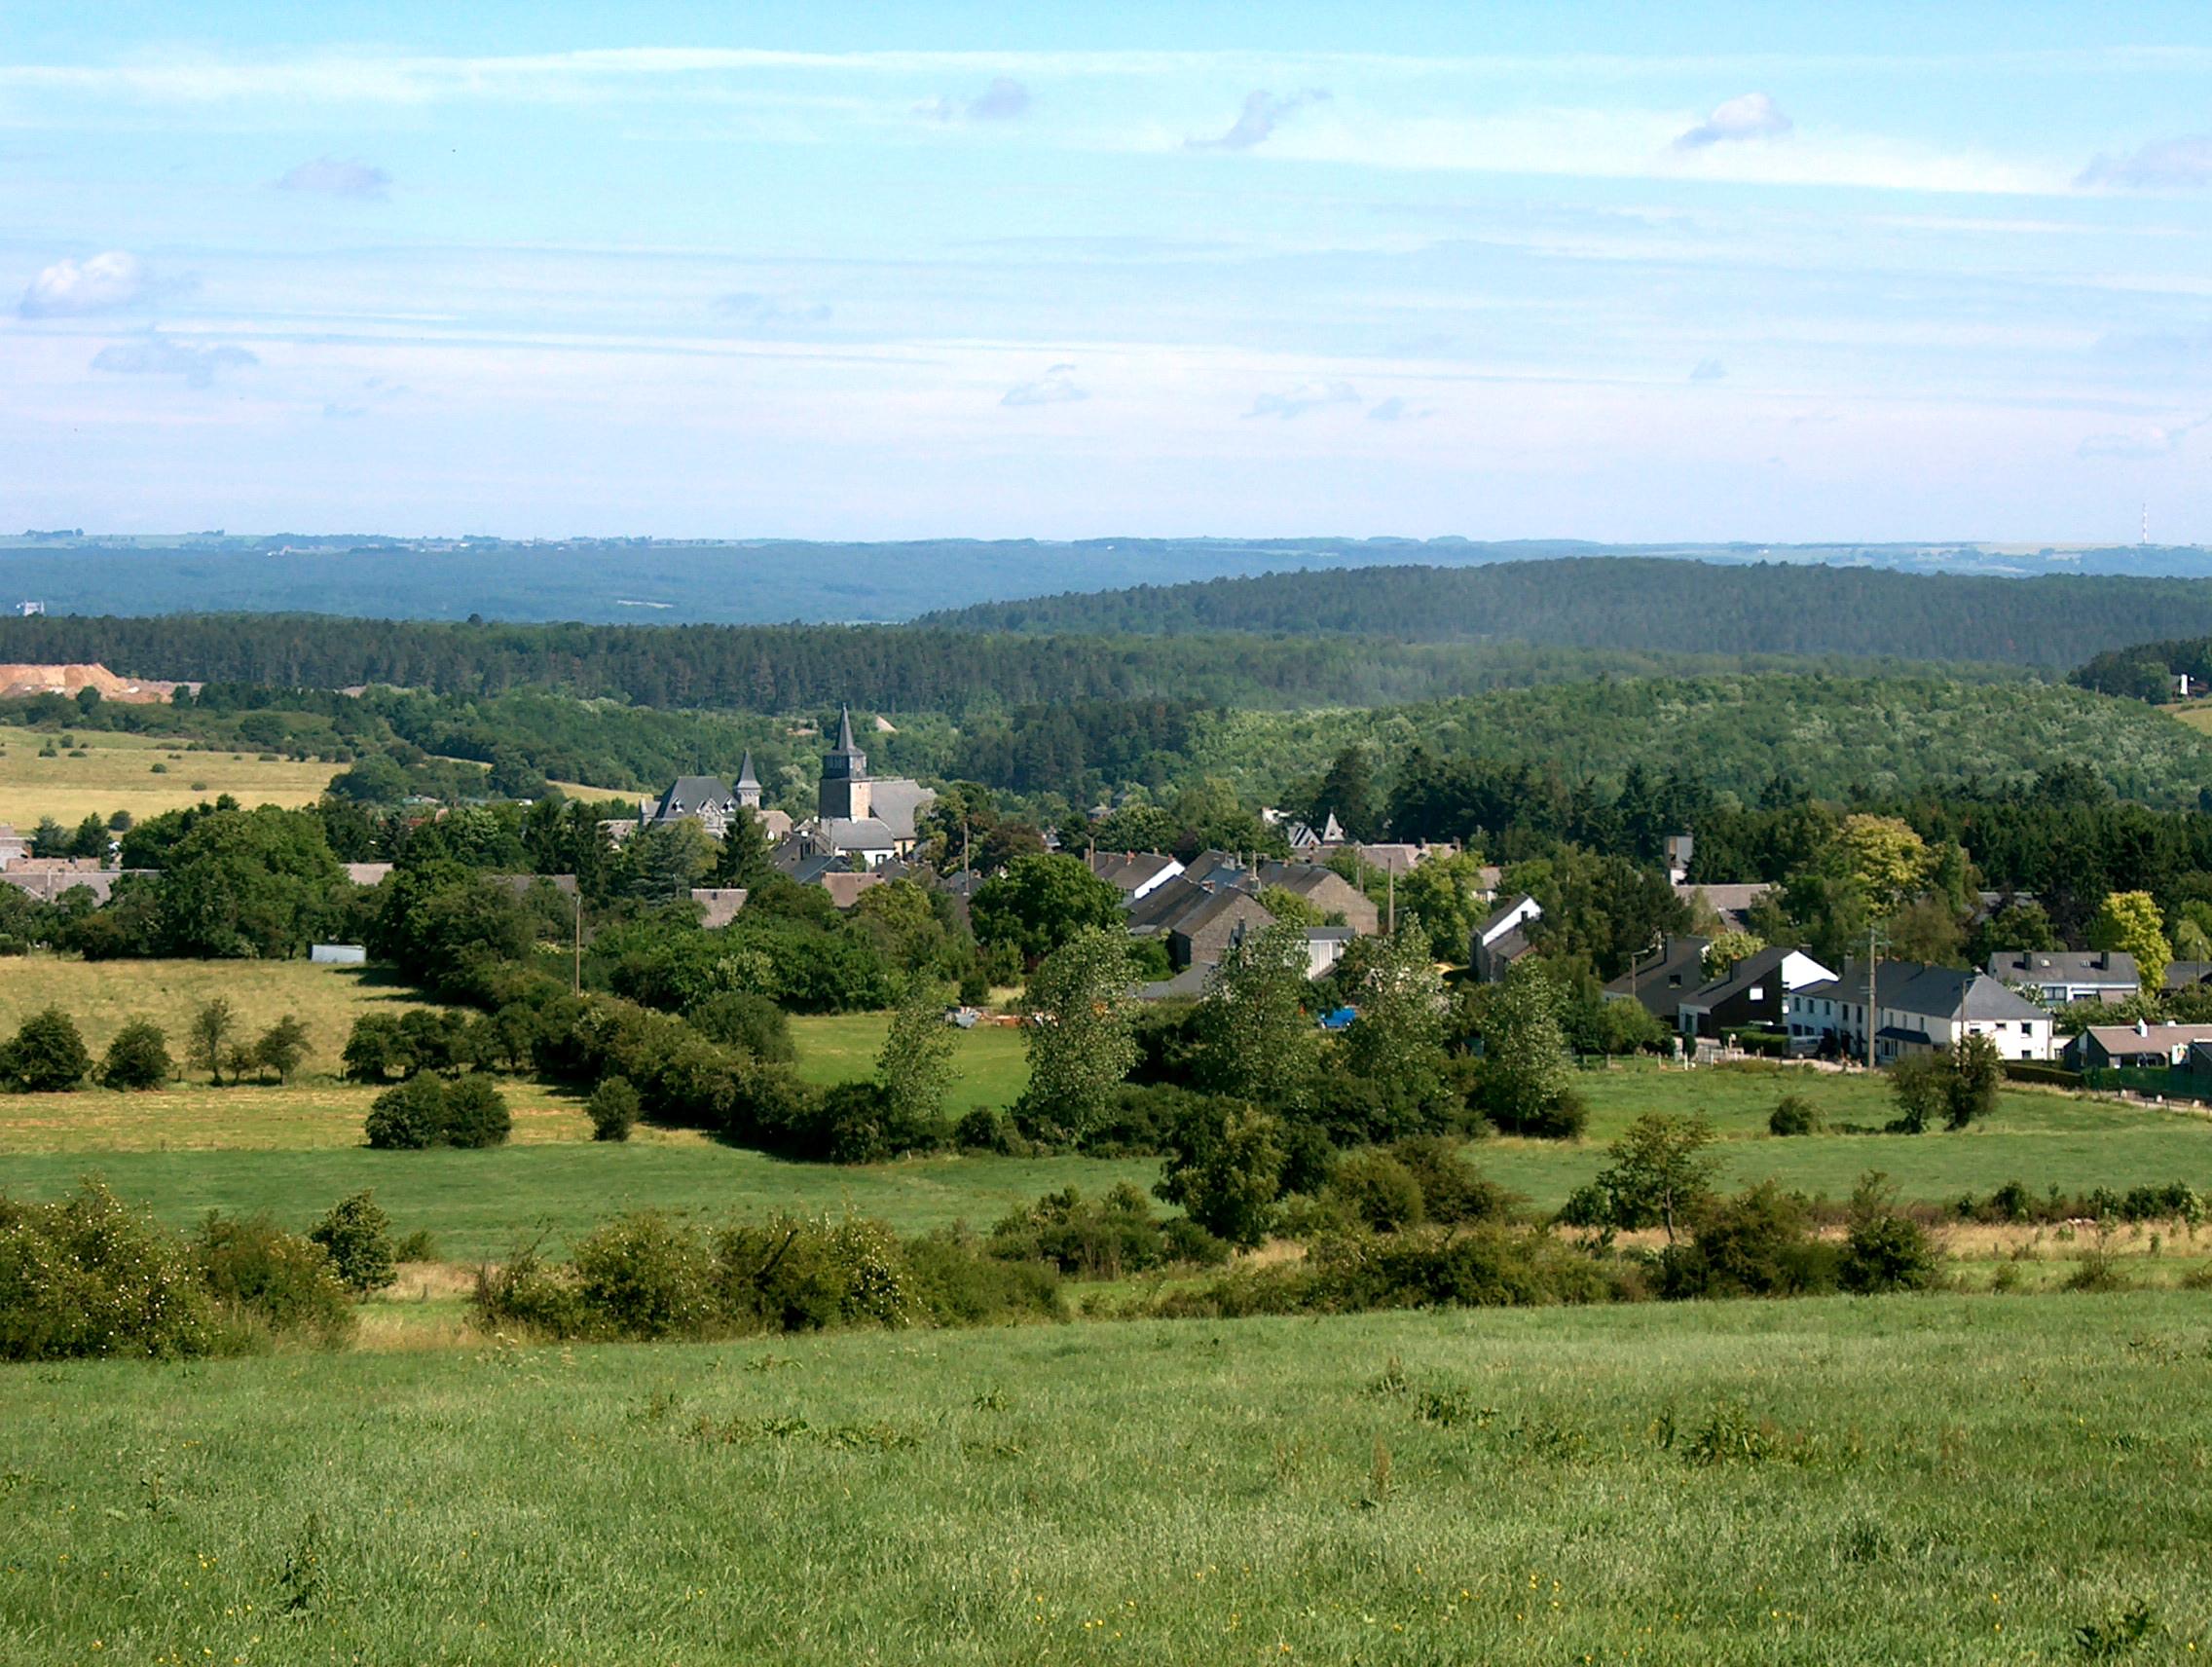 Découverte du village de Wellin au travers de son histoire